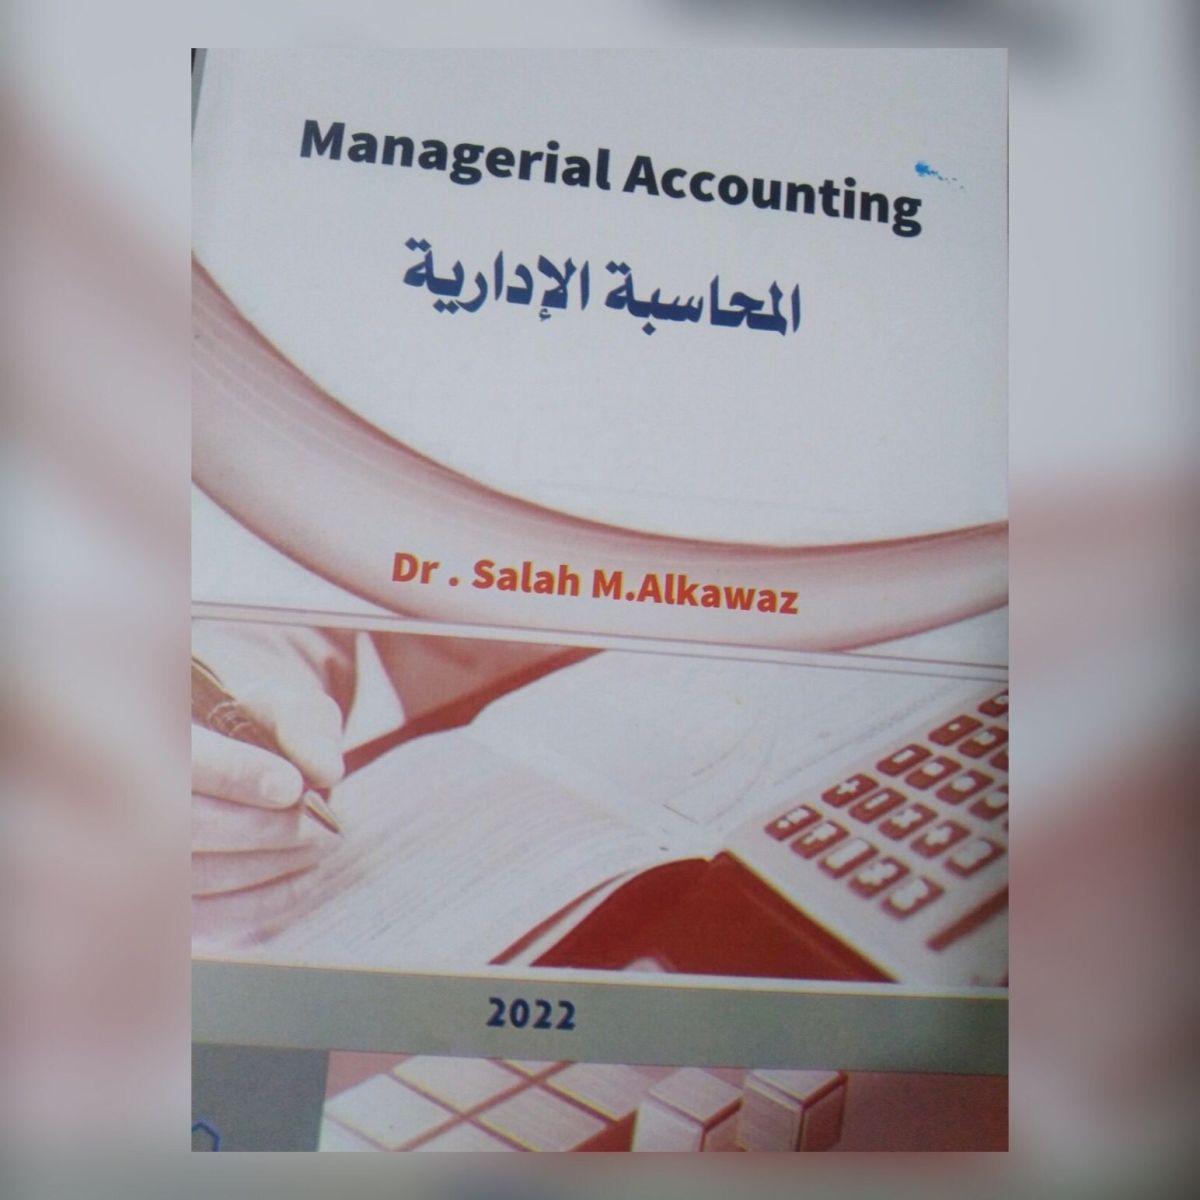 تدريسي من كلية الادارة والاقتصاد يصدرطبعة جديدة لكتاب منهجي حرصا منه في إيصال أحدث المعلومات المحاسبية للمستفيدين